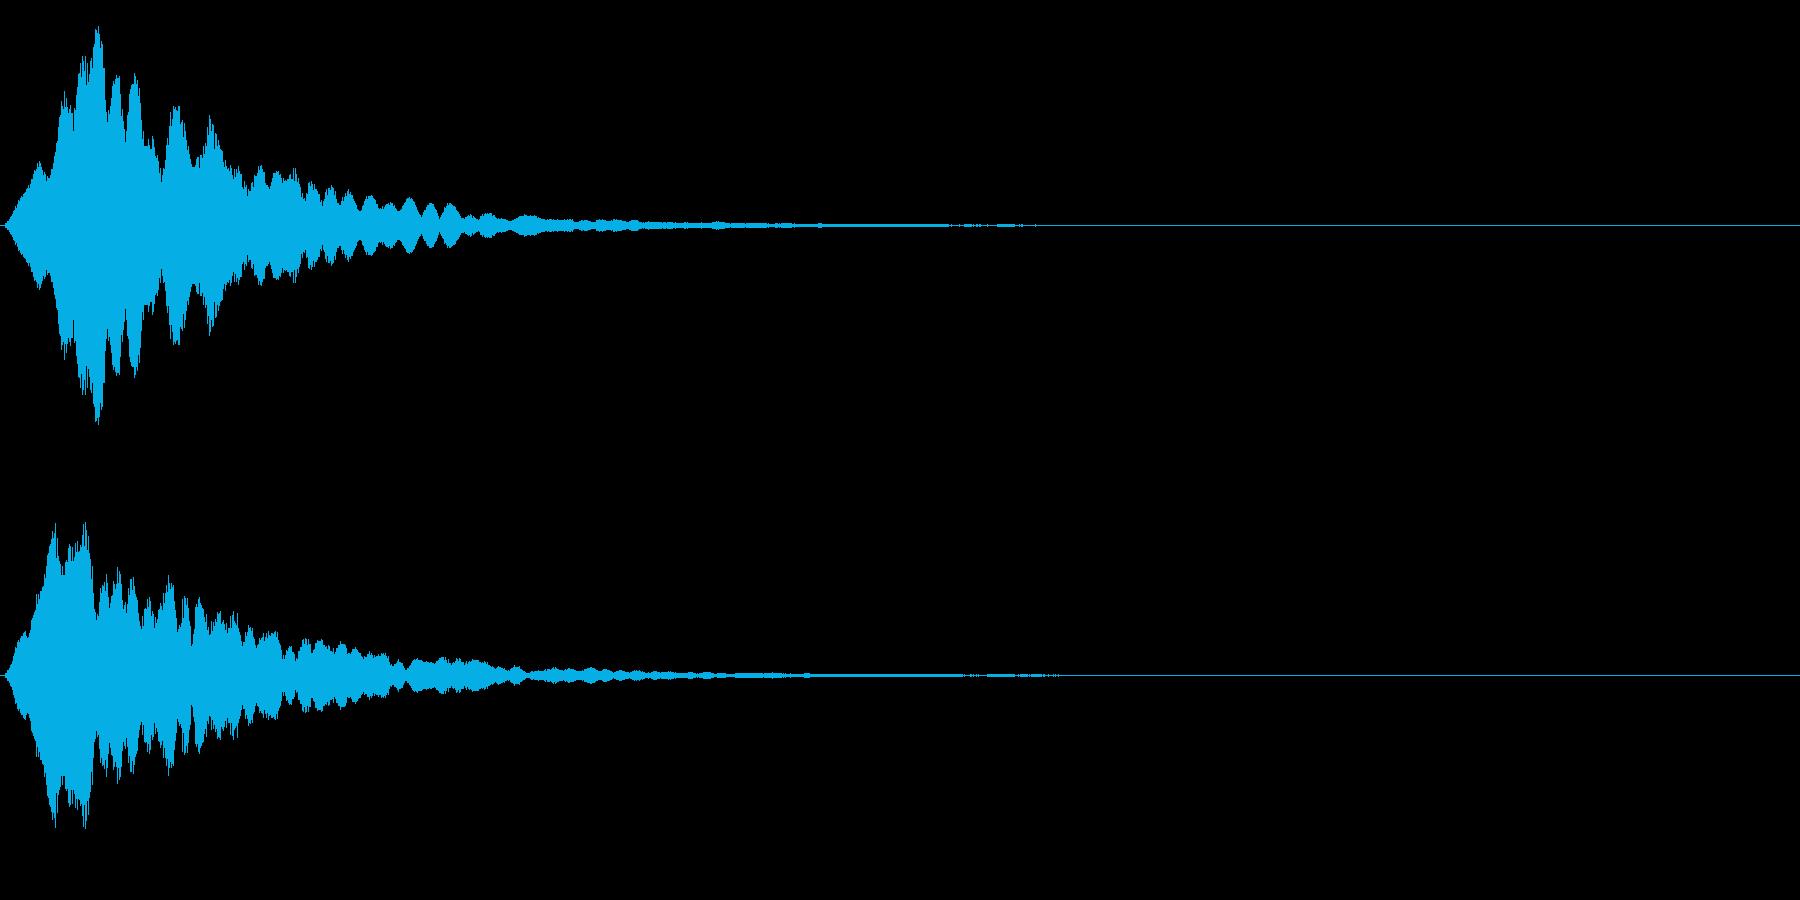 ゲームスタート、決定、ボタン音-089の再生済みの波形